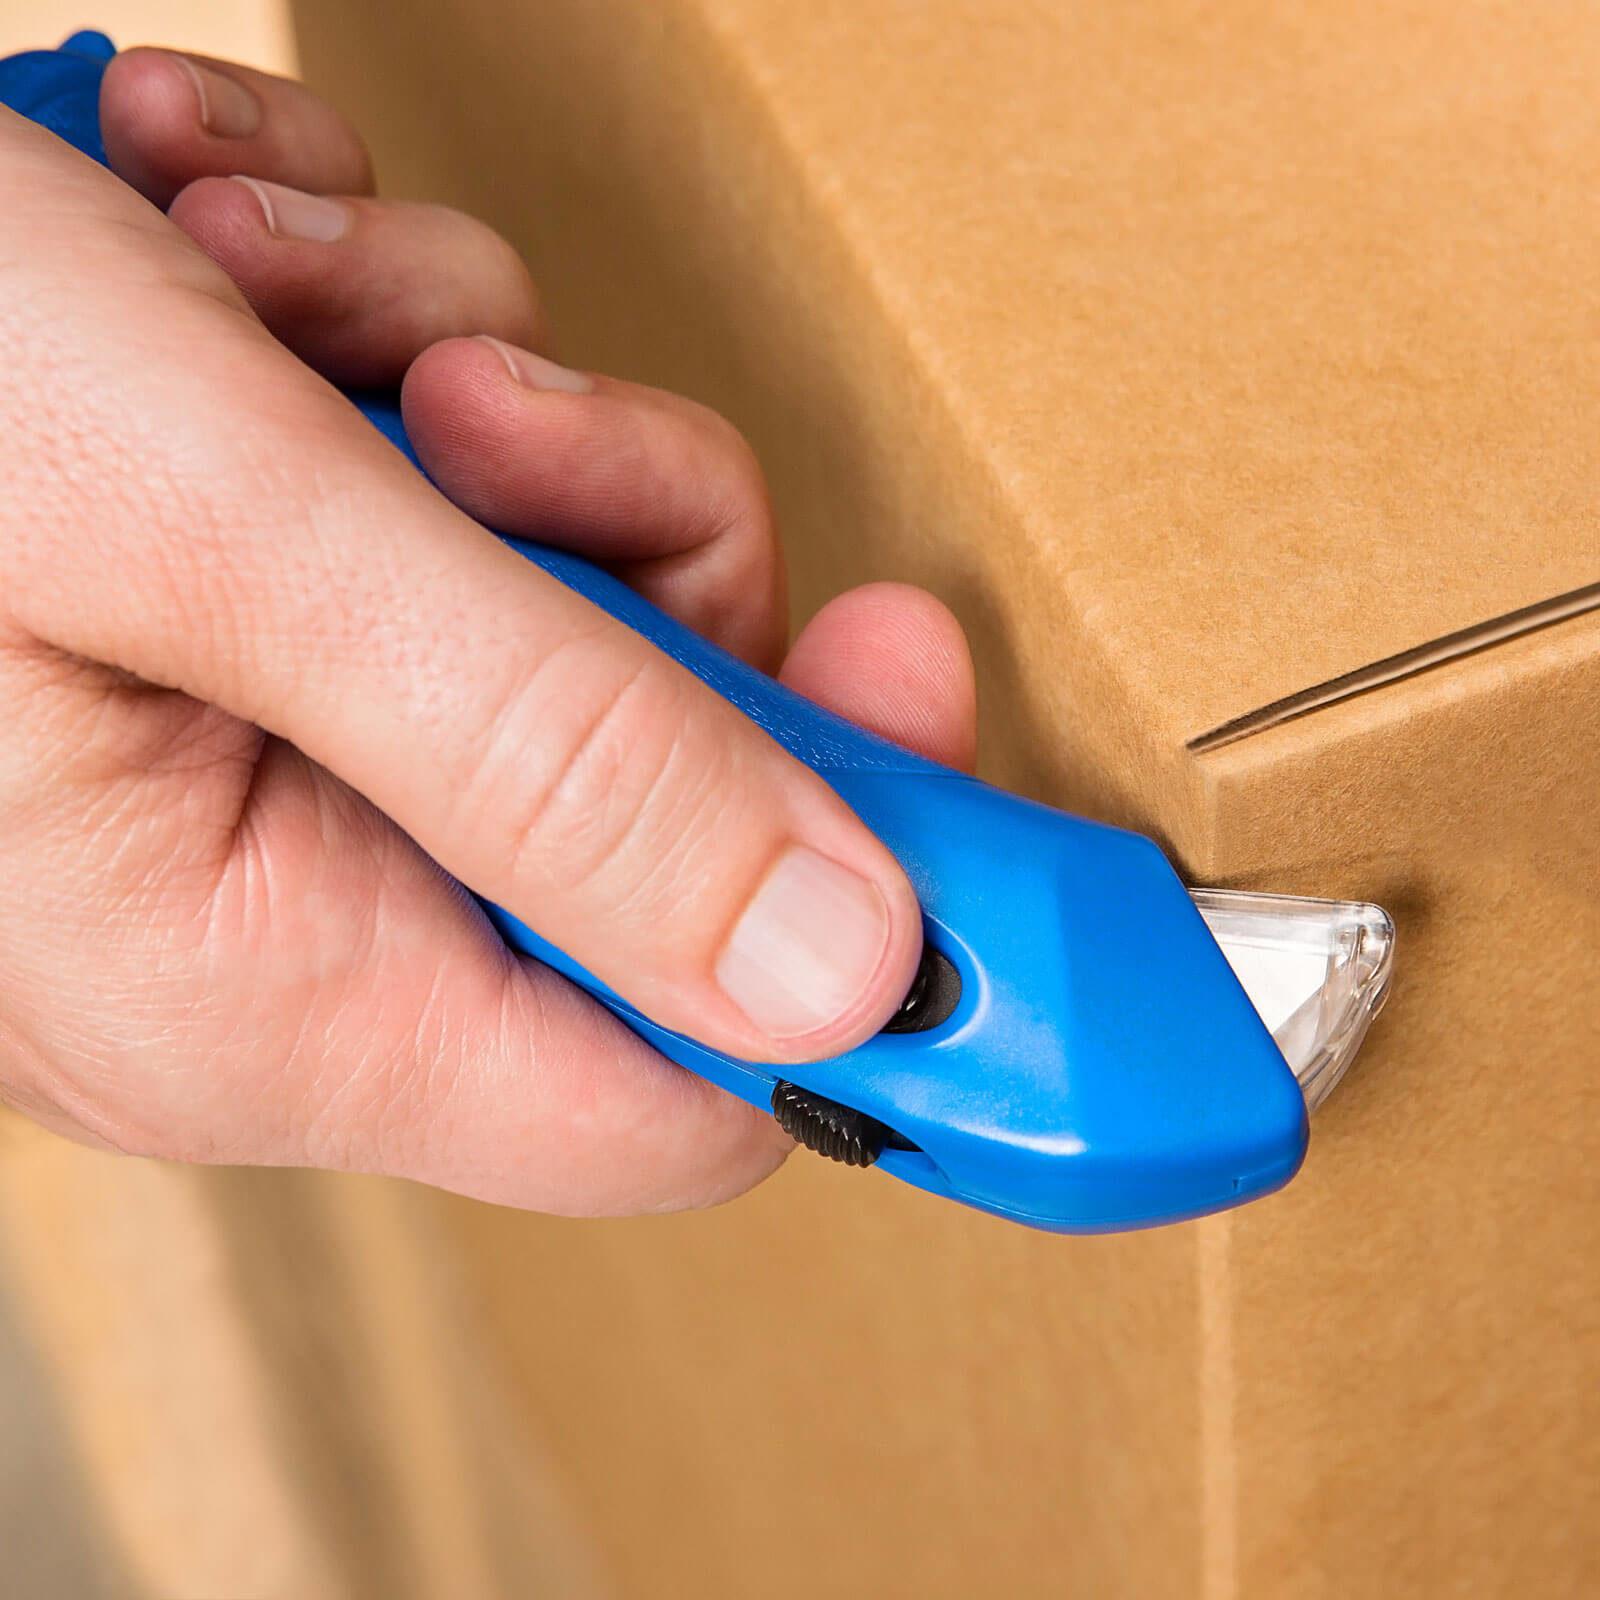 U031-Sicherheitsmesser-extra-sicher-Basic-Hood-einweg-PHC-RSC-432-Blau-abdeckeln-Ansatz-1-CURT-tools_1600